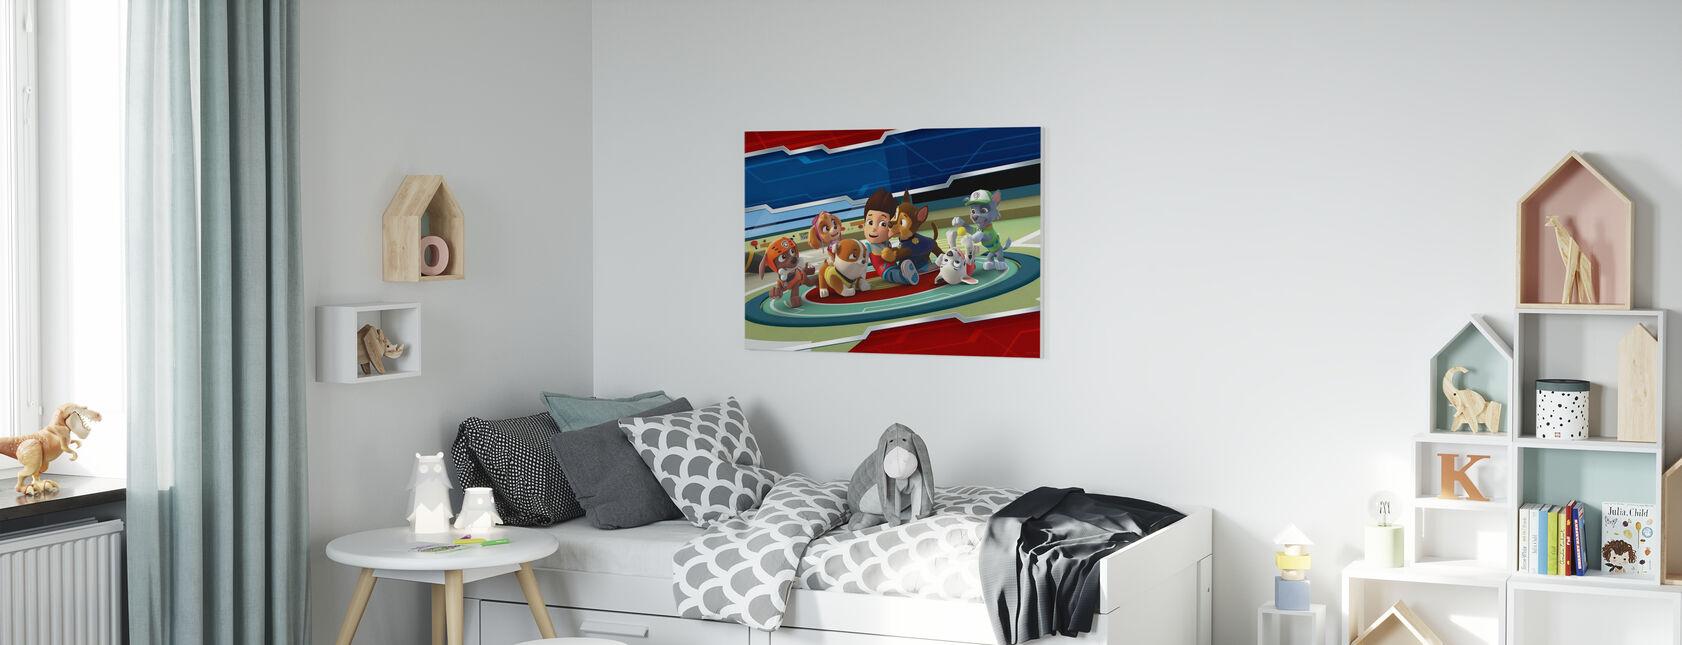 PAW Patrol - Toutes les pattes sur le pont - Impression sur toile - Chambre des enfants